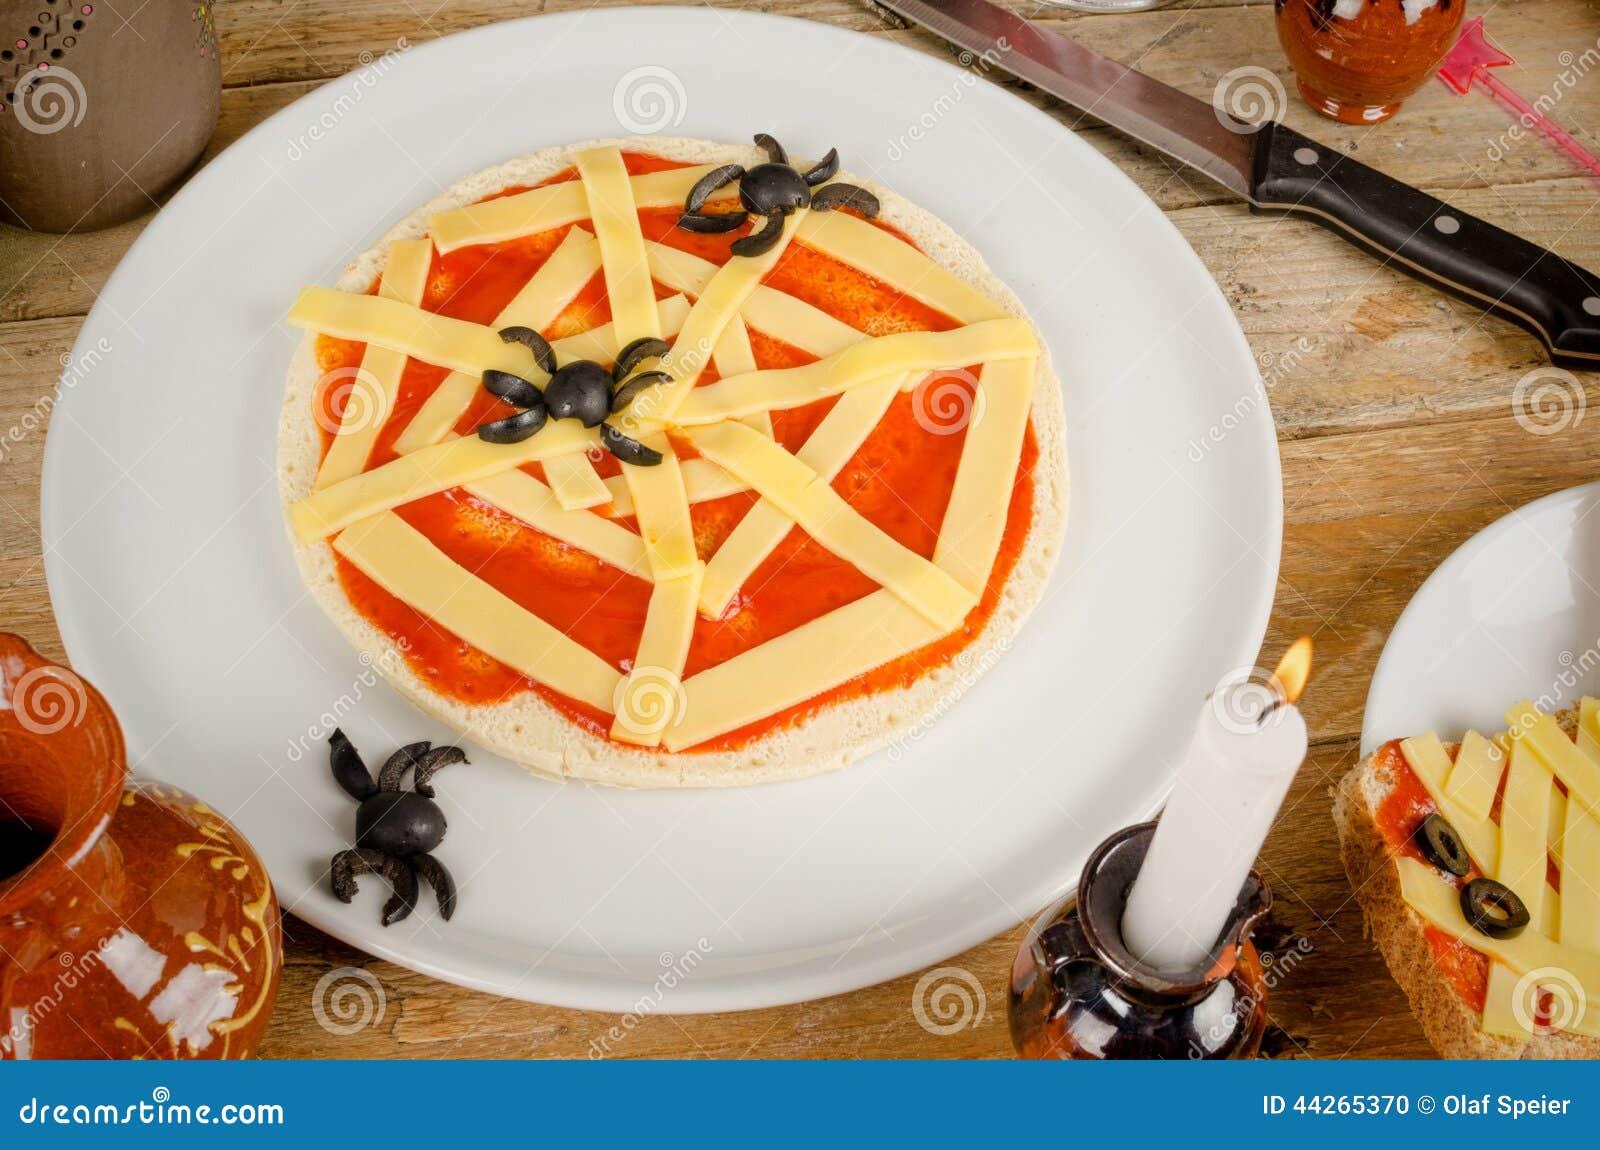 Halloween Pizza Recipe For Kids, Sweet Tart Skull With Strawberr ...